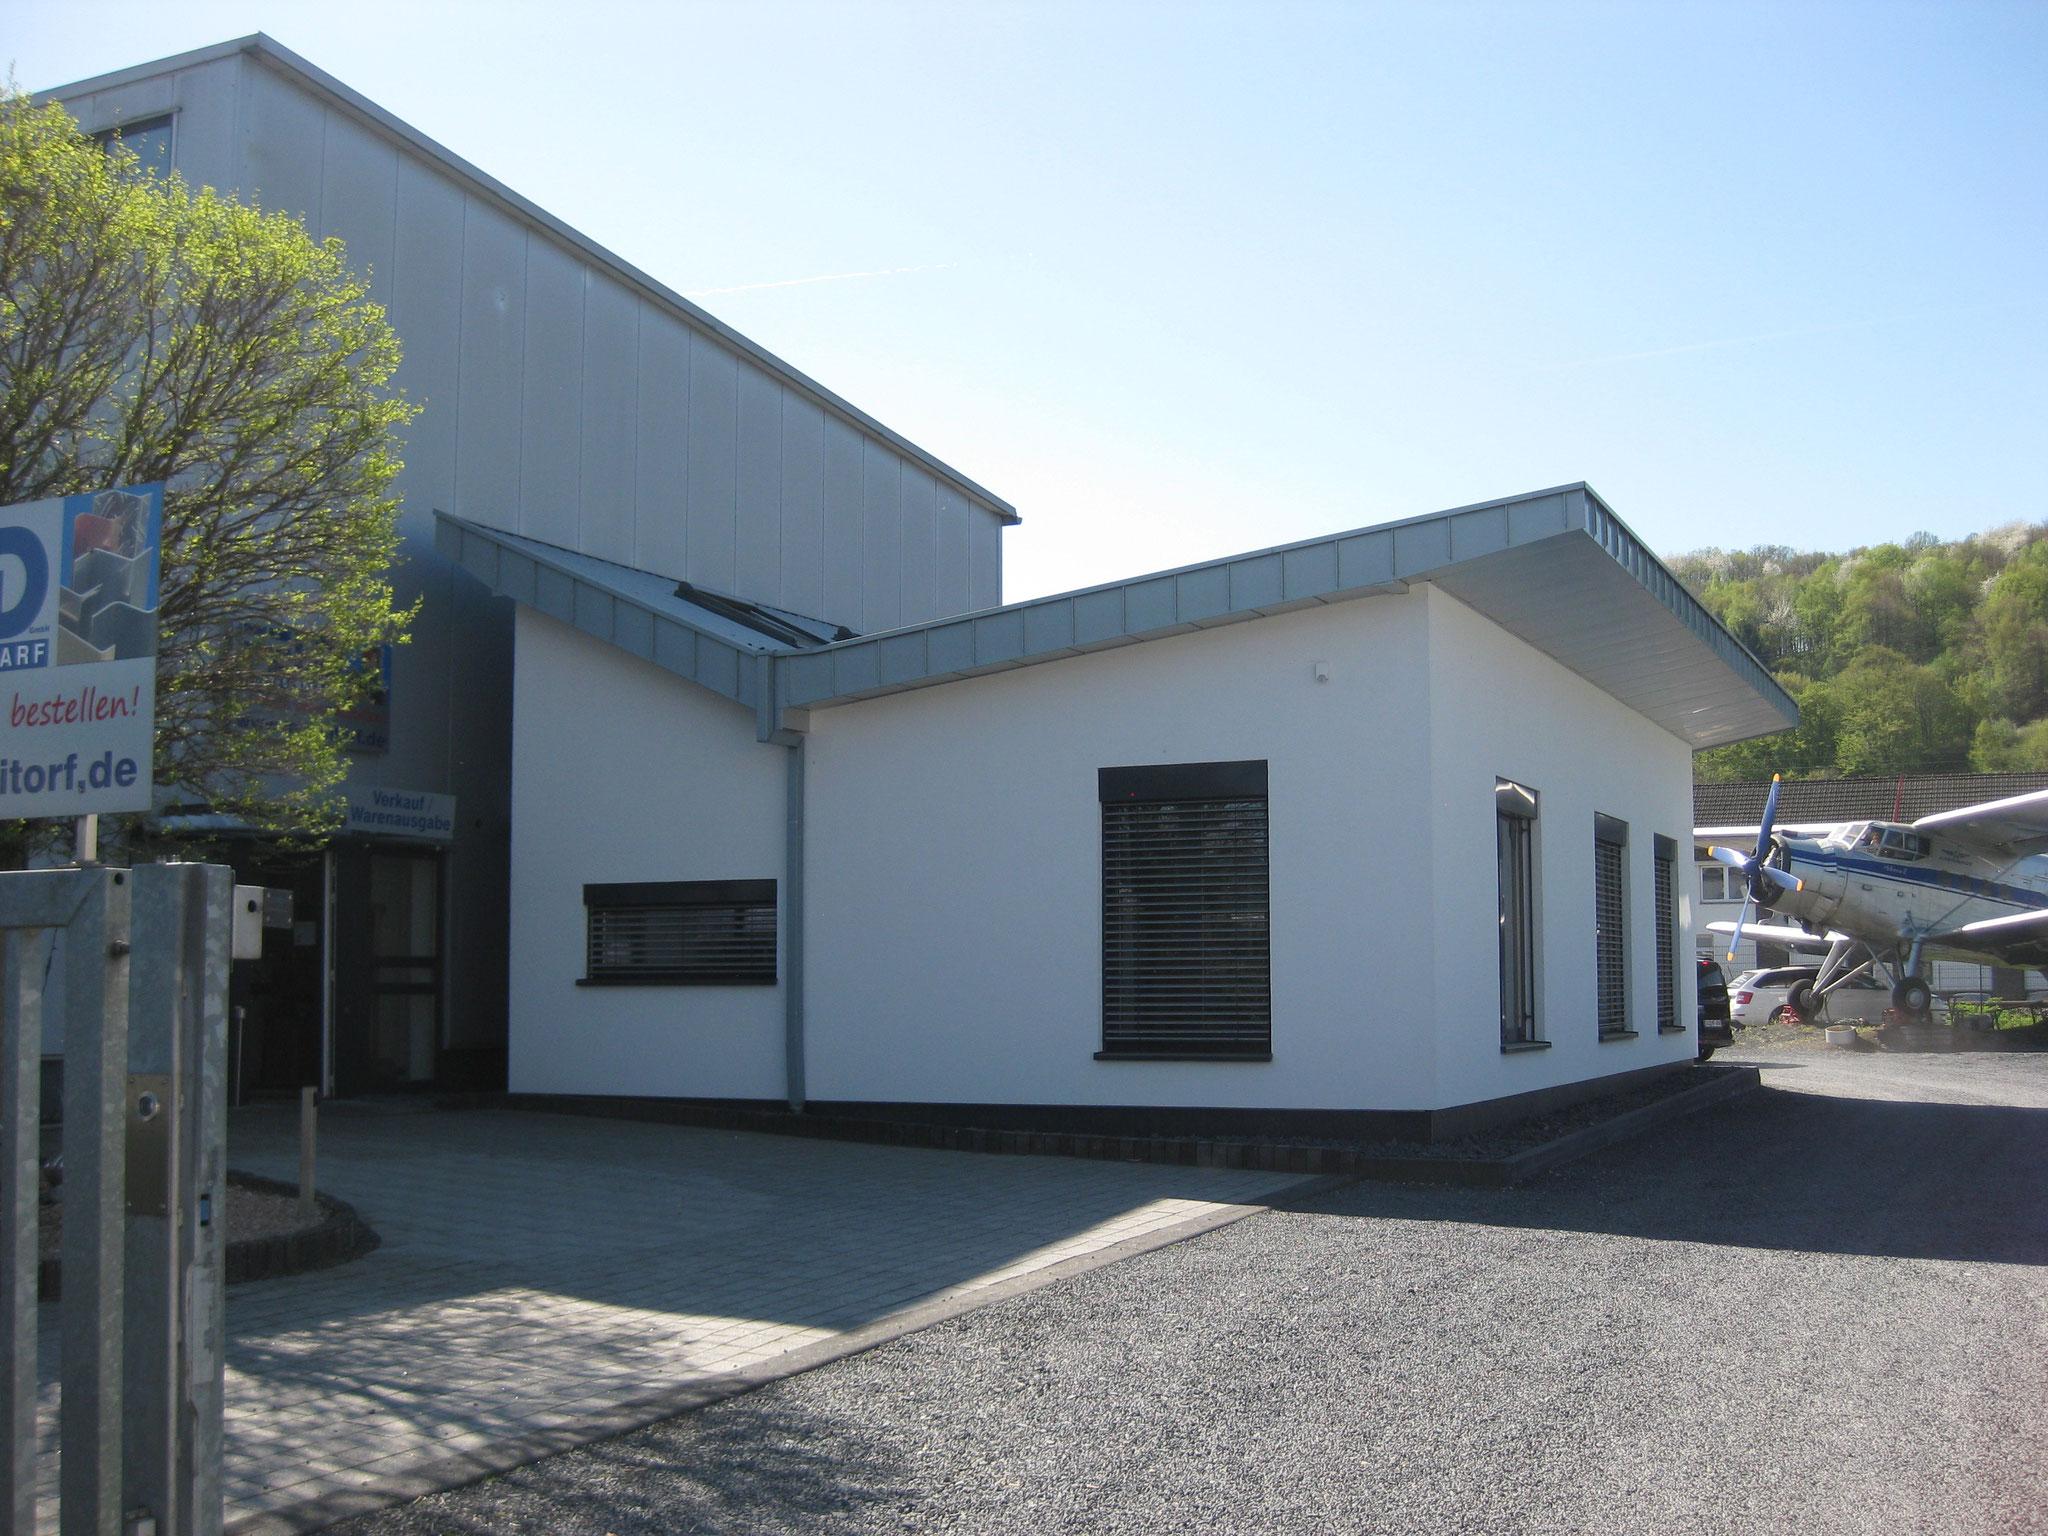 Schlosserei Feld: Lager- und Büroanbau